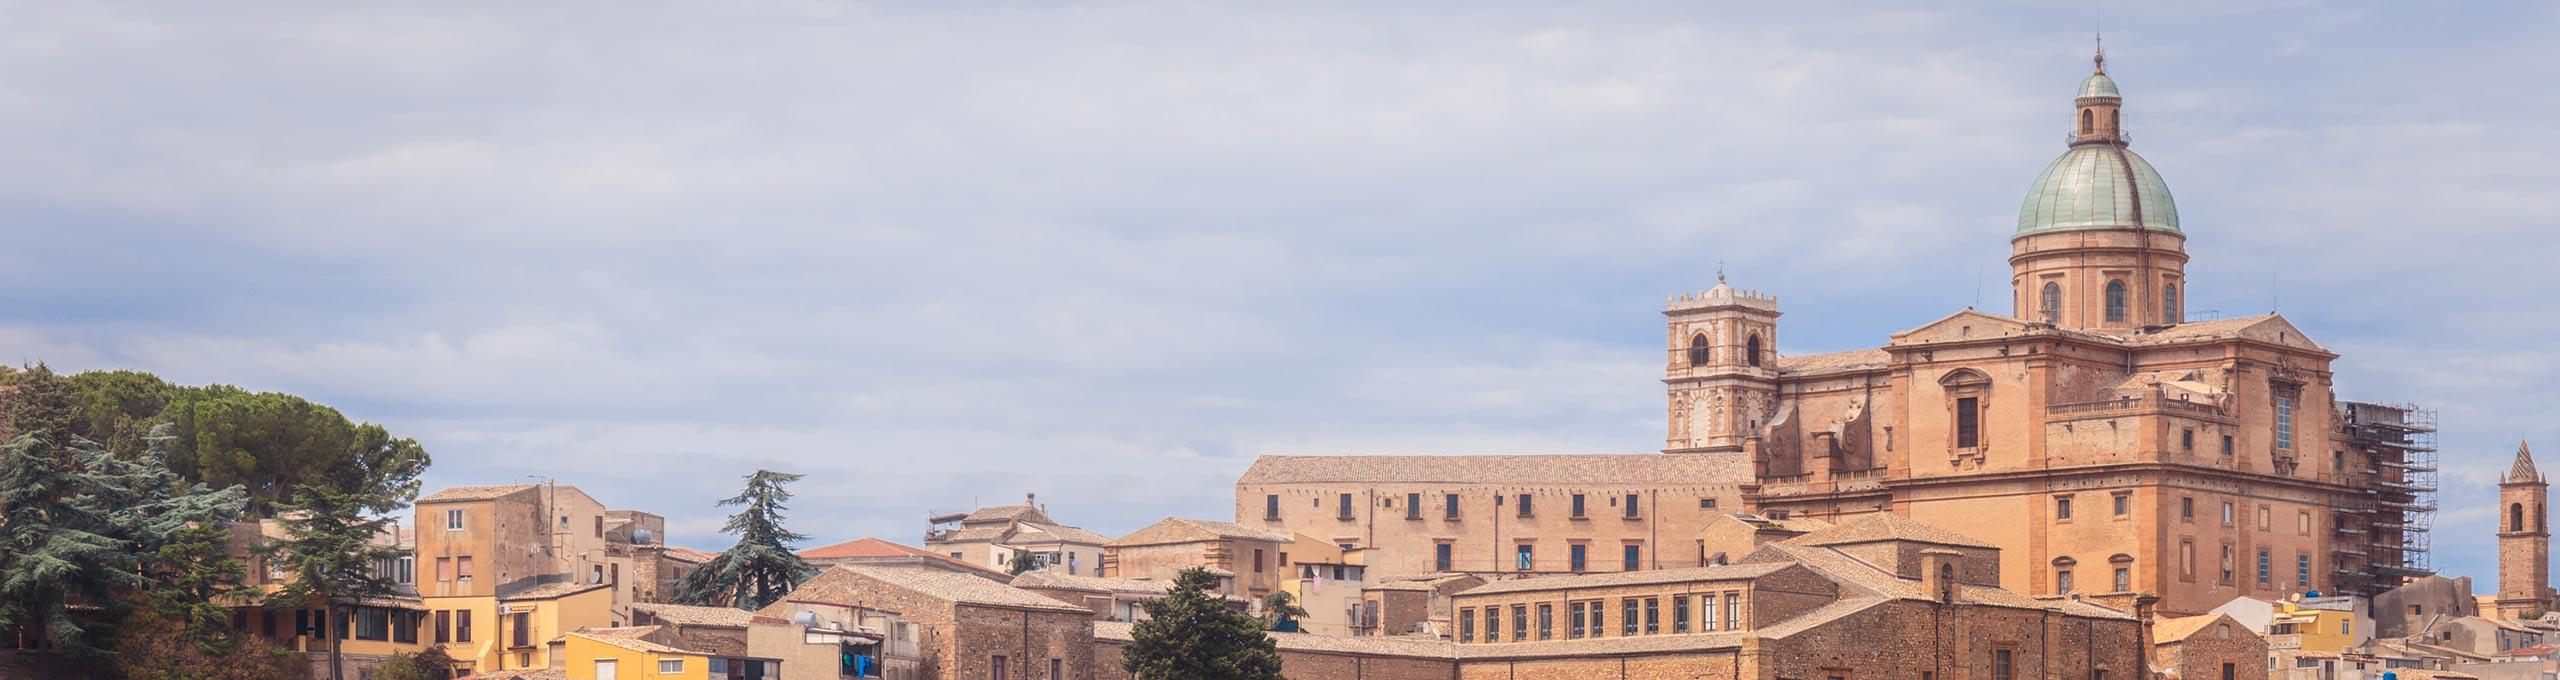 Piazza Armerina, Cattedrale SS. Assunta